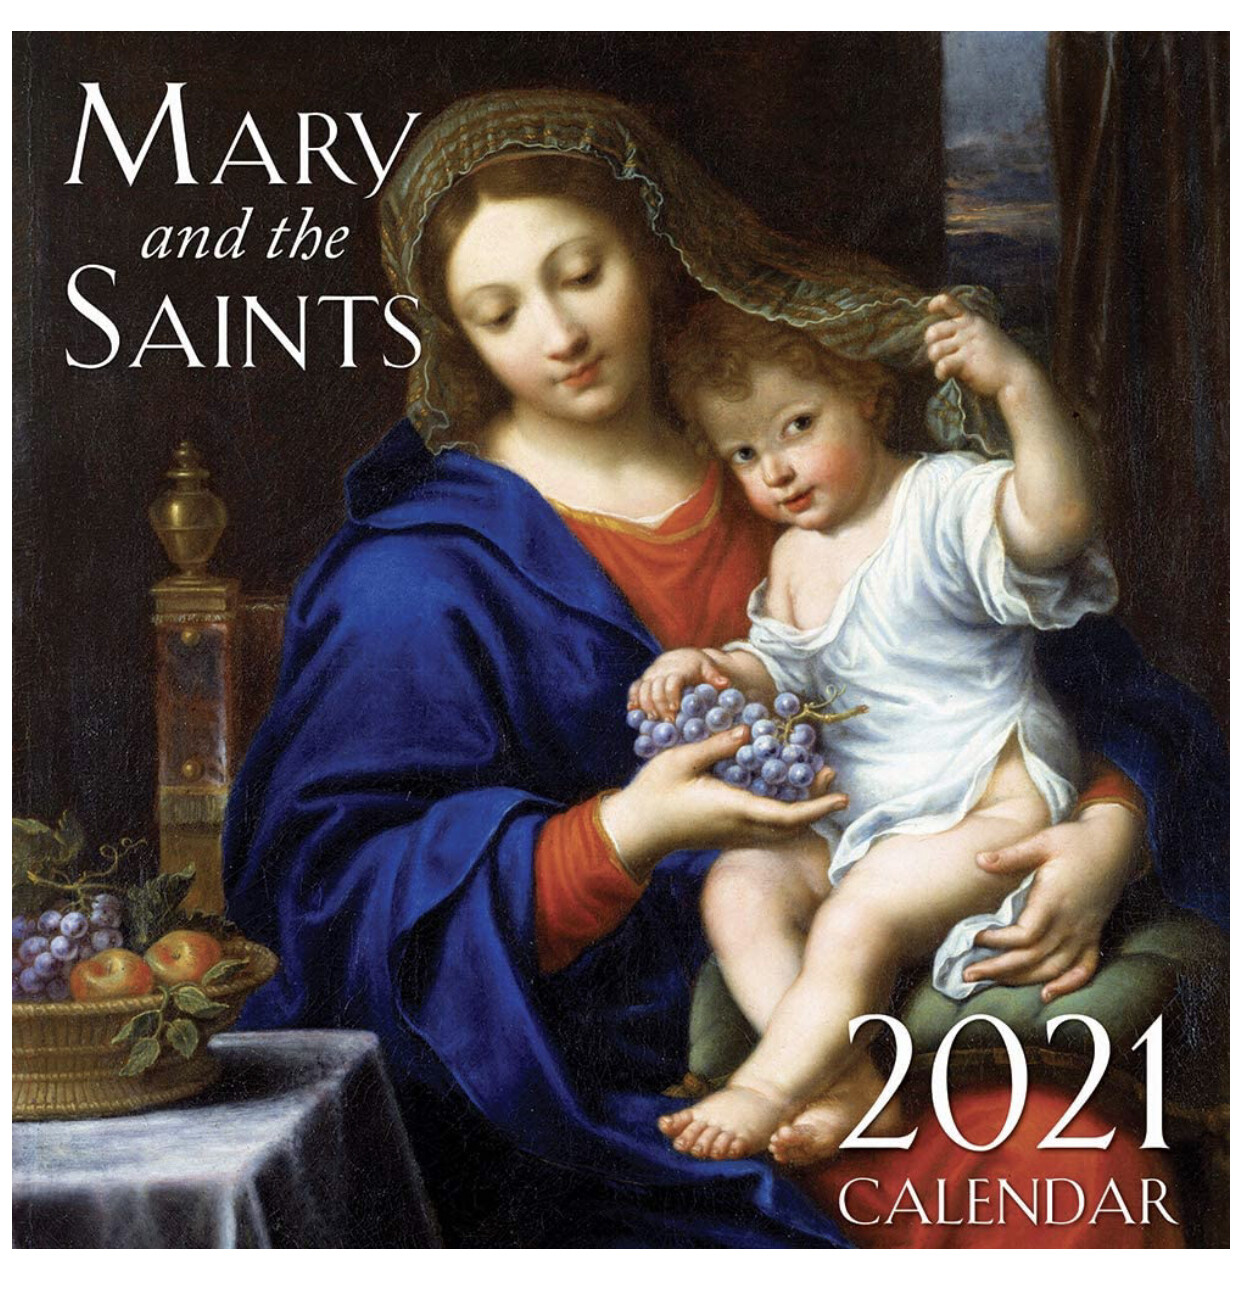 Mary and the Saints 2021 Calendar Tan